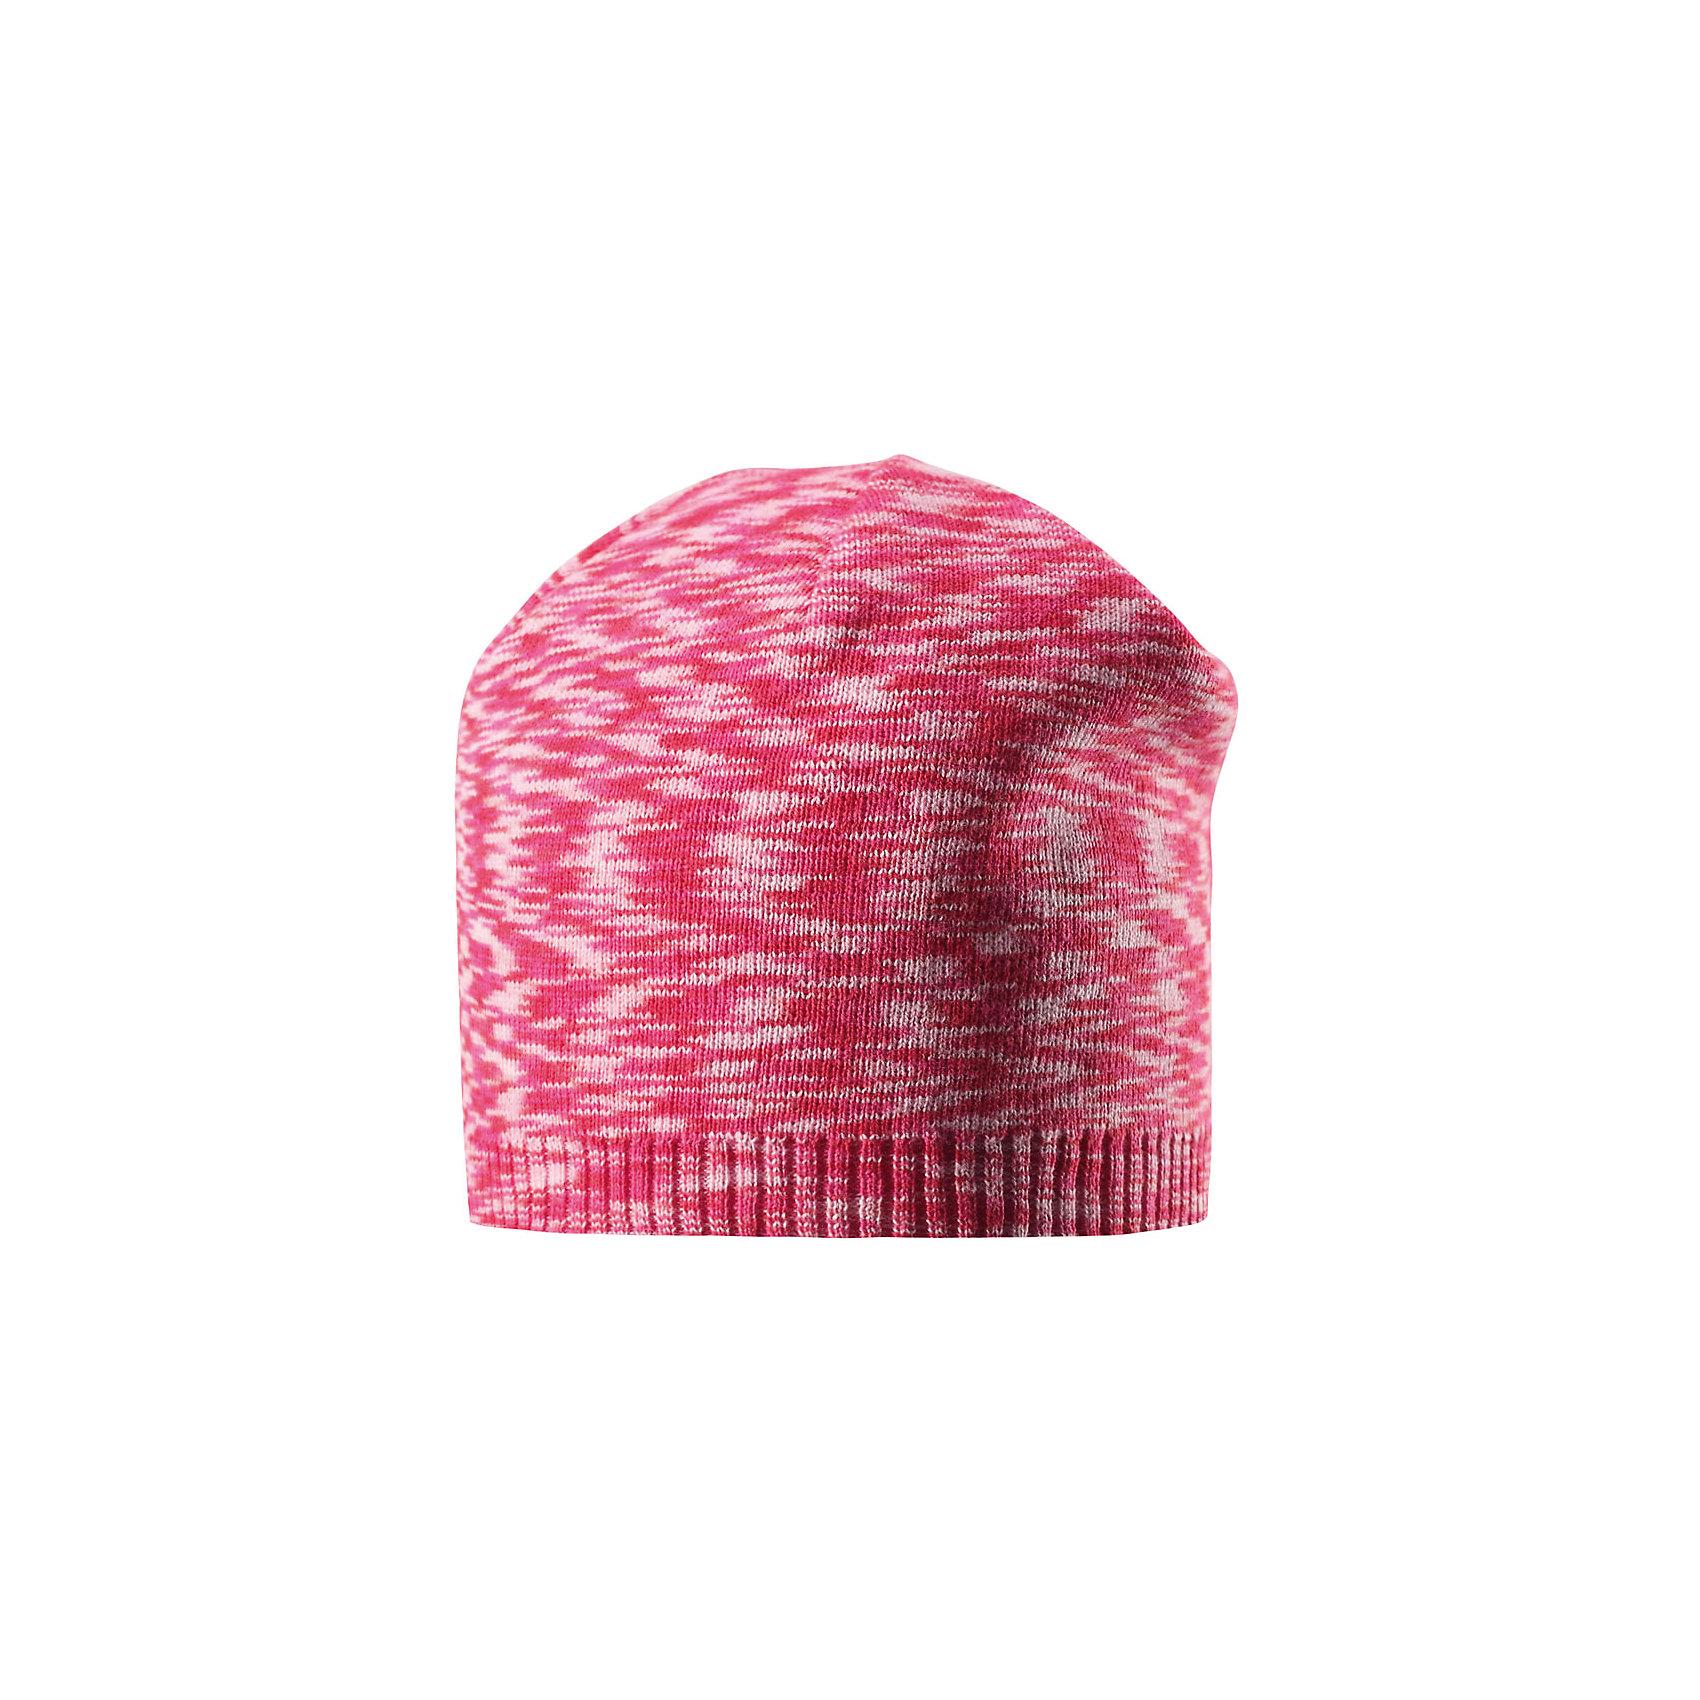 Шапка Liplatus ReimaШапки и шарфы<br>Характеристики товара:<br><br>• цвет: красный<br>• состав: 100% хлопок<br>• температурный режим: от 10С<br>• эластичный хлопковый трикотаж<br>• изделие сертифицированно по стандарту Oeko-Tex на продукция класса 2 - одежда, контактирующая с кожей<br>• облегчённая модель без подкладки<br>• эмблема Reima сзади<br>• страна бренда: Финляндия<br>• страна производства: Китай<br><br>Детский головной убор может быть модным и удобным одновременно! Стильная шапка поможет обеспечить ребенку комфорт и дополнить наряд. Шапка удобно сидит и аккуратно выглядит. Проста в уходе, долго служит.<br><br>Уход:<br><br>• сирать по отдельности, вывернув наизнанку<br>• придать первоначальную форму вo влажном виде<br>• возможна усадка 5 %.<br><br>Шапку для мальчика от финского бренда Reima (Рейма) можно купить в нашем интернет-магазине.<br><br>Ширина мм: 89<br>Глубина мм: 117<br>Высота мм: 44<br>Вес г: 155<br>Цвет: розовый<br>Возраст от месяцев: 18<br>Возраст до месяцев: 36<br>Пол: Унисекс<br>Возраст: Детский<br>Размер: 50,48,54,56,52<br>SKU: 5267820